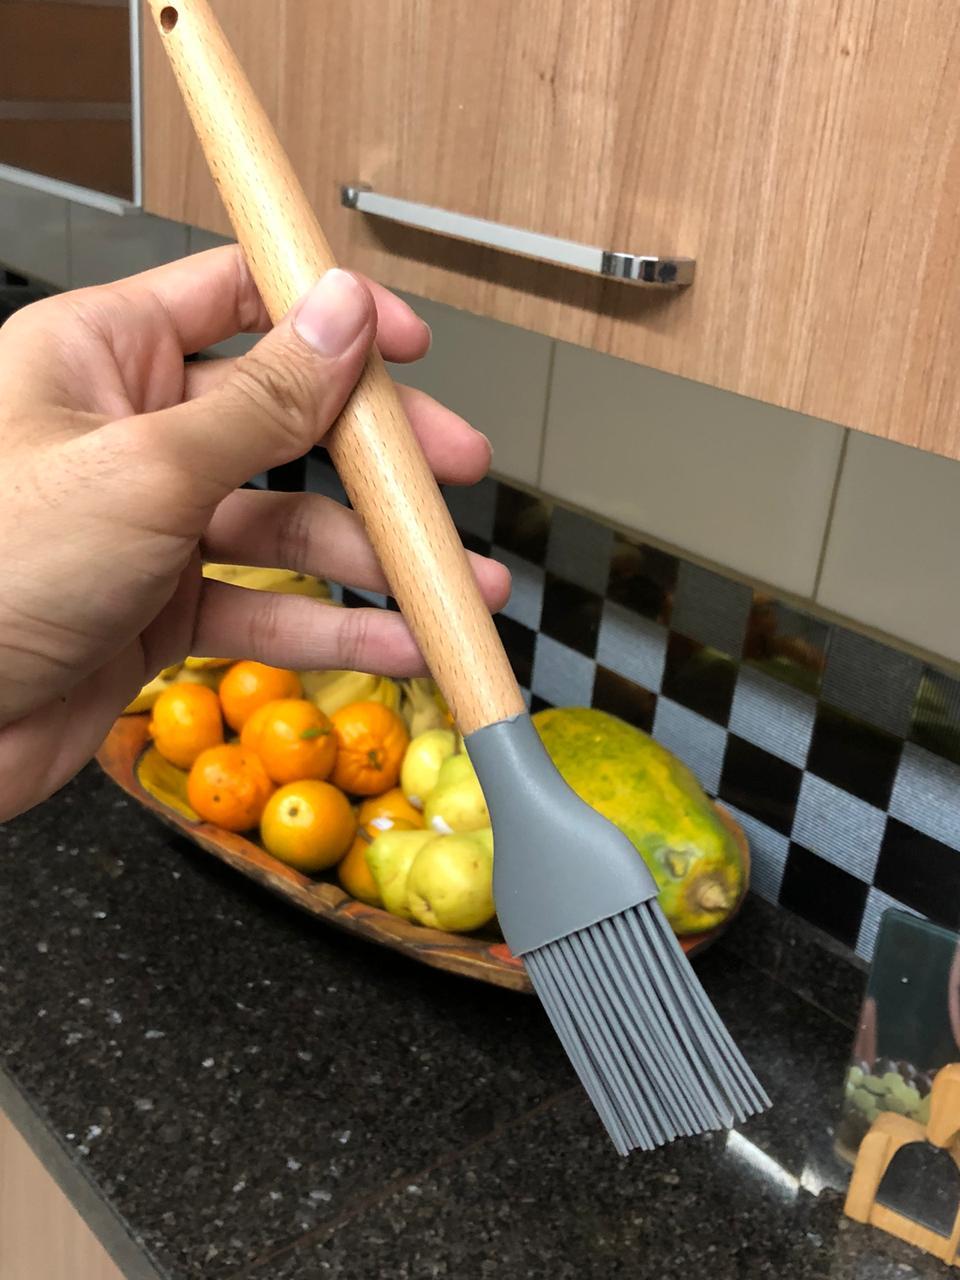 Pincel culinário de silicone e madeira untar confeitar cinza 28cm livre de bpa